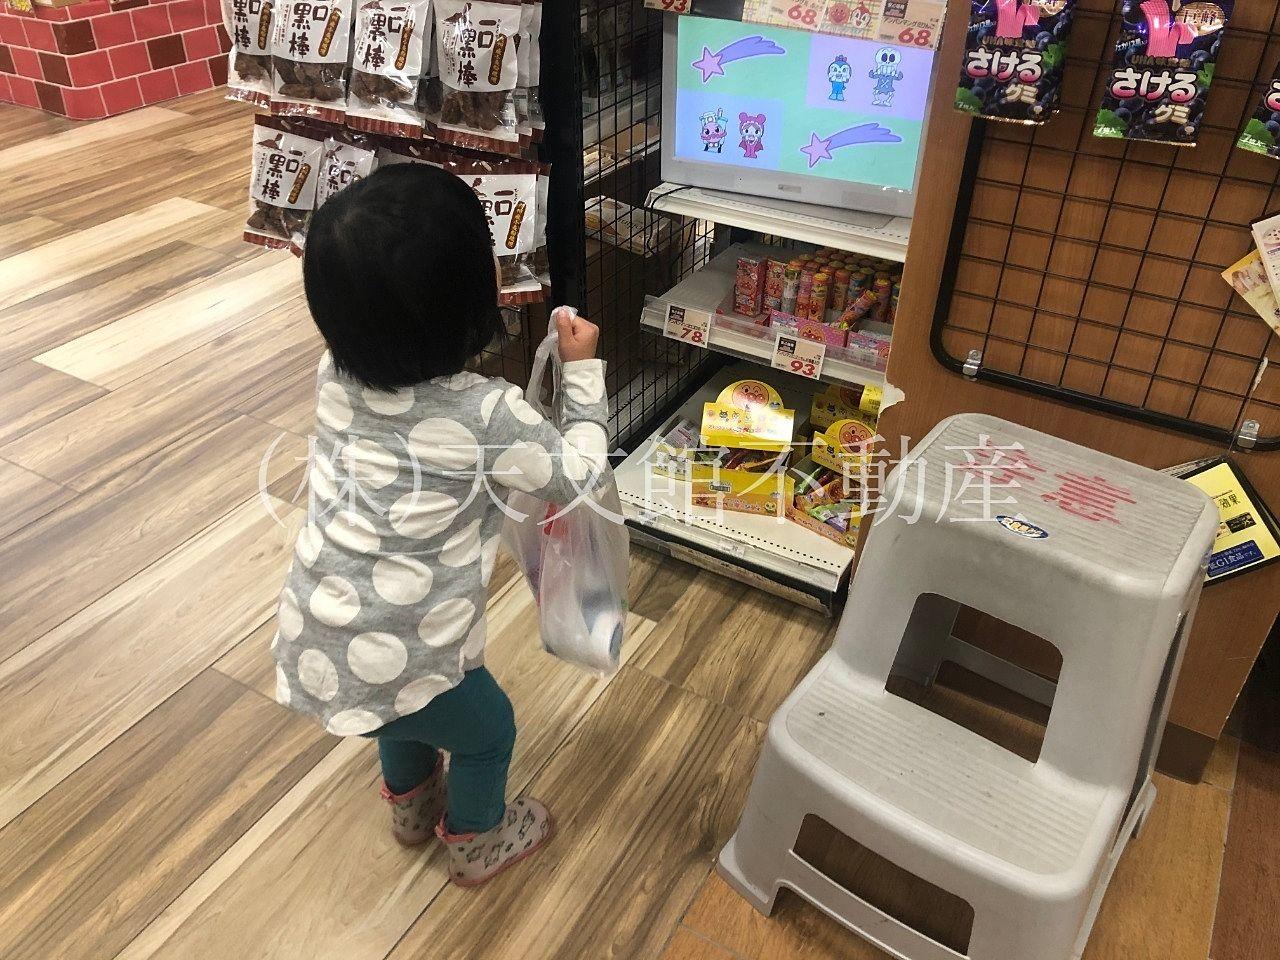 鹿児島市鴨池新町のスカイマーケット鴨池店はレジも多く無人レジもあります。